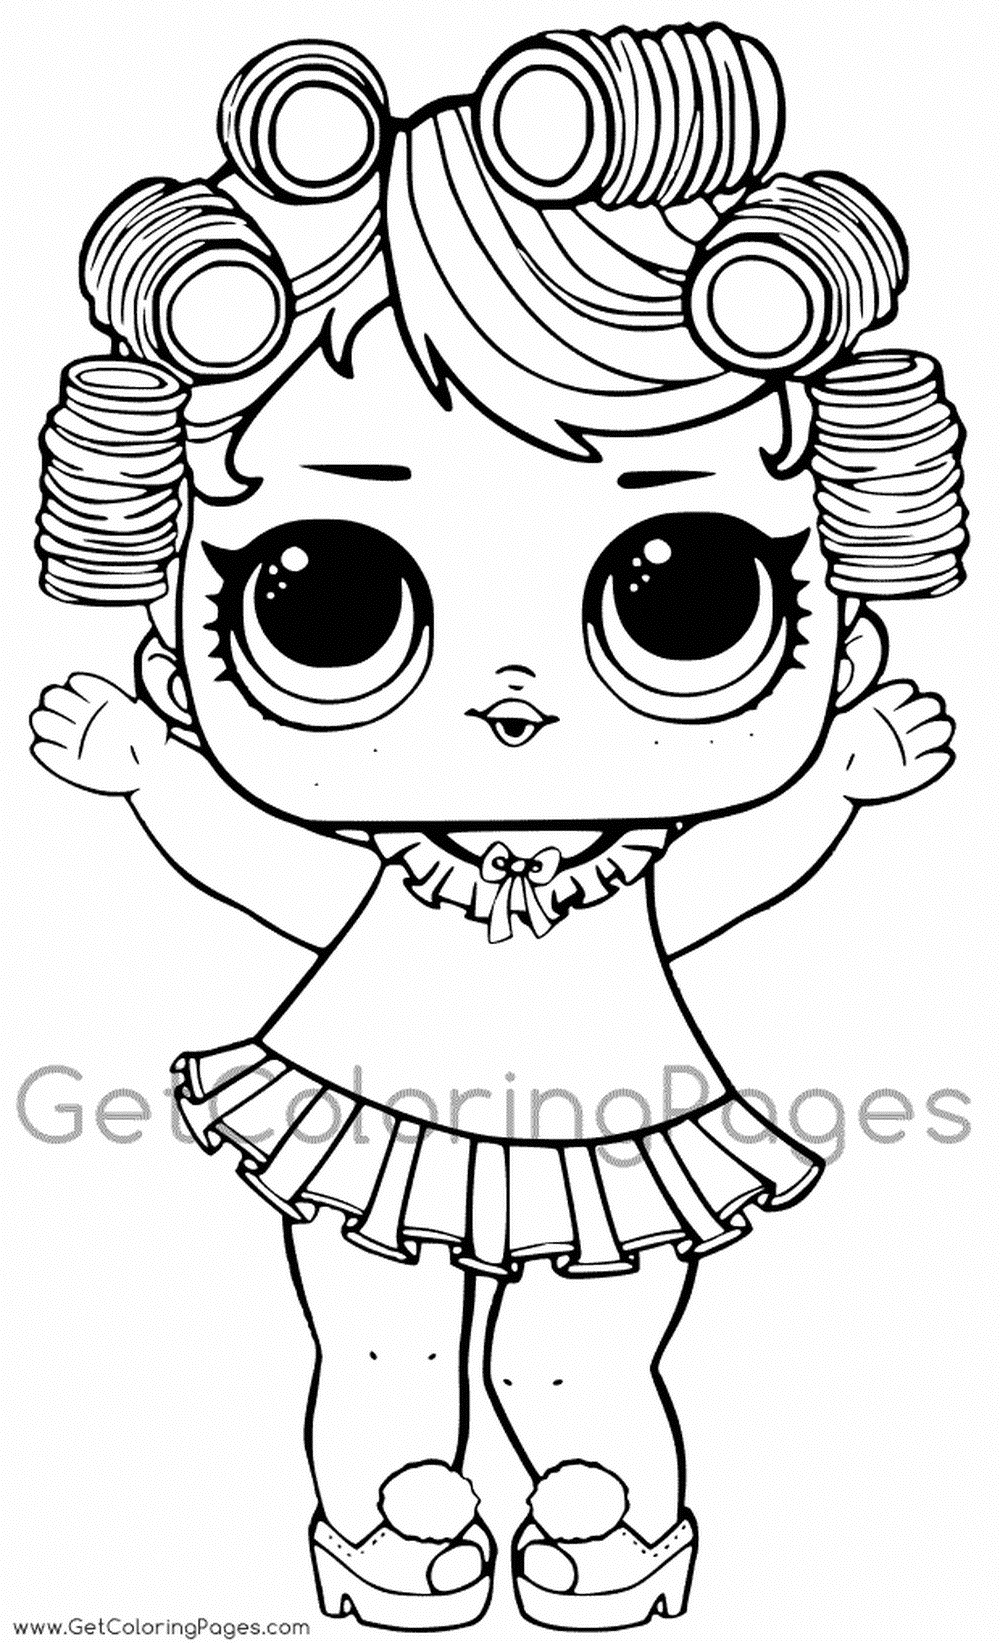 Раскраски куклы Лол (With images) | Розмальовка, Малюнки ...